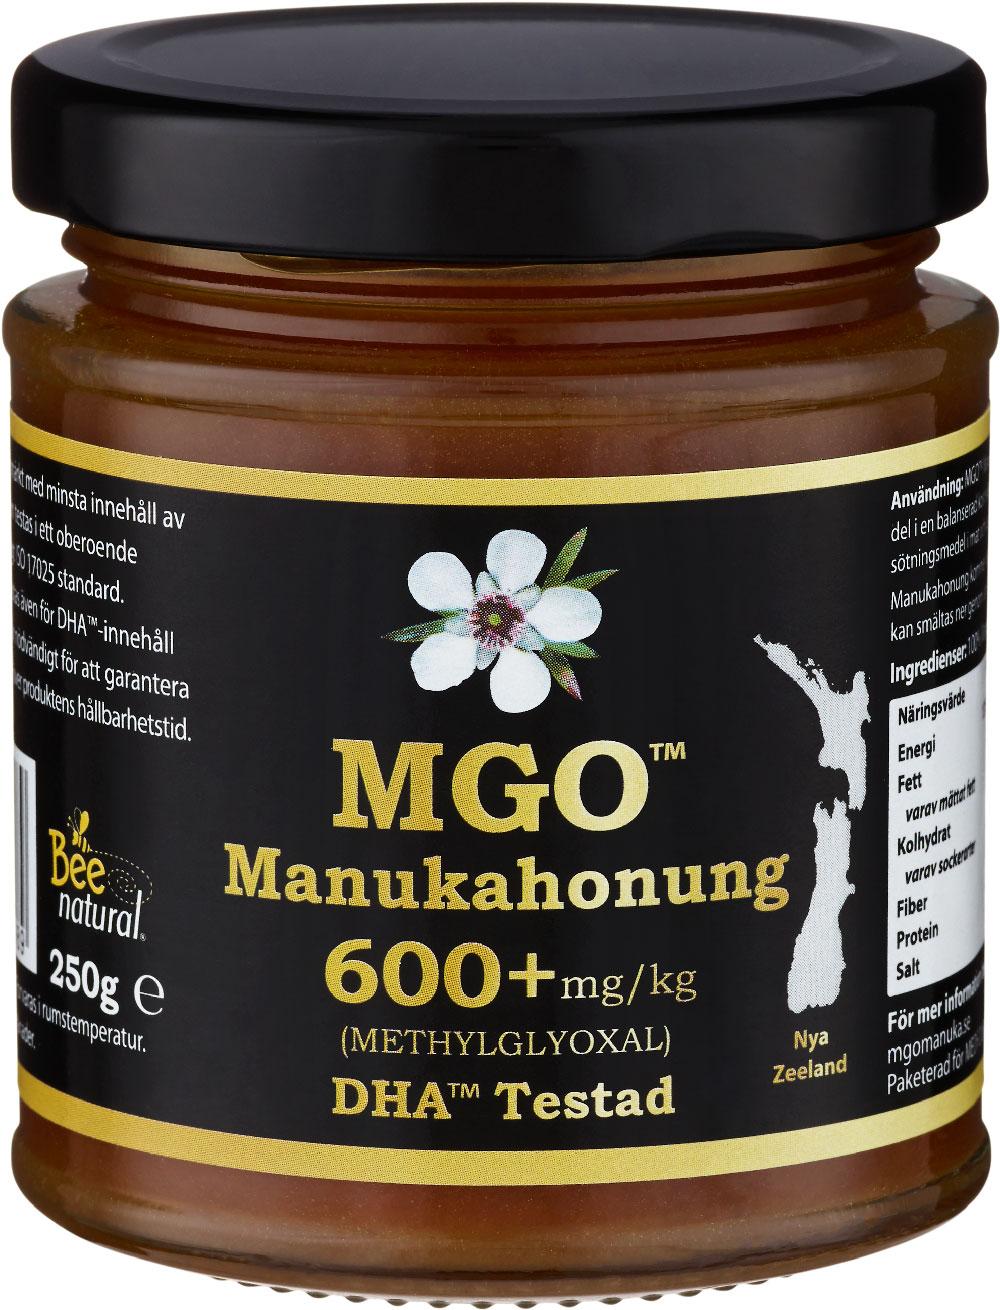 MGO Manukahonung 600+